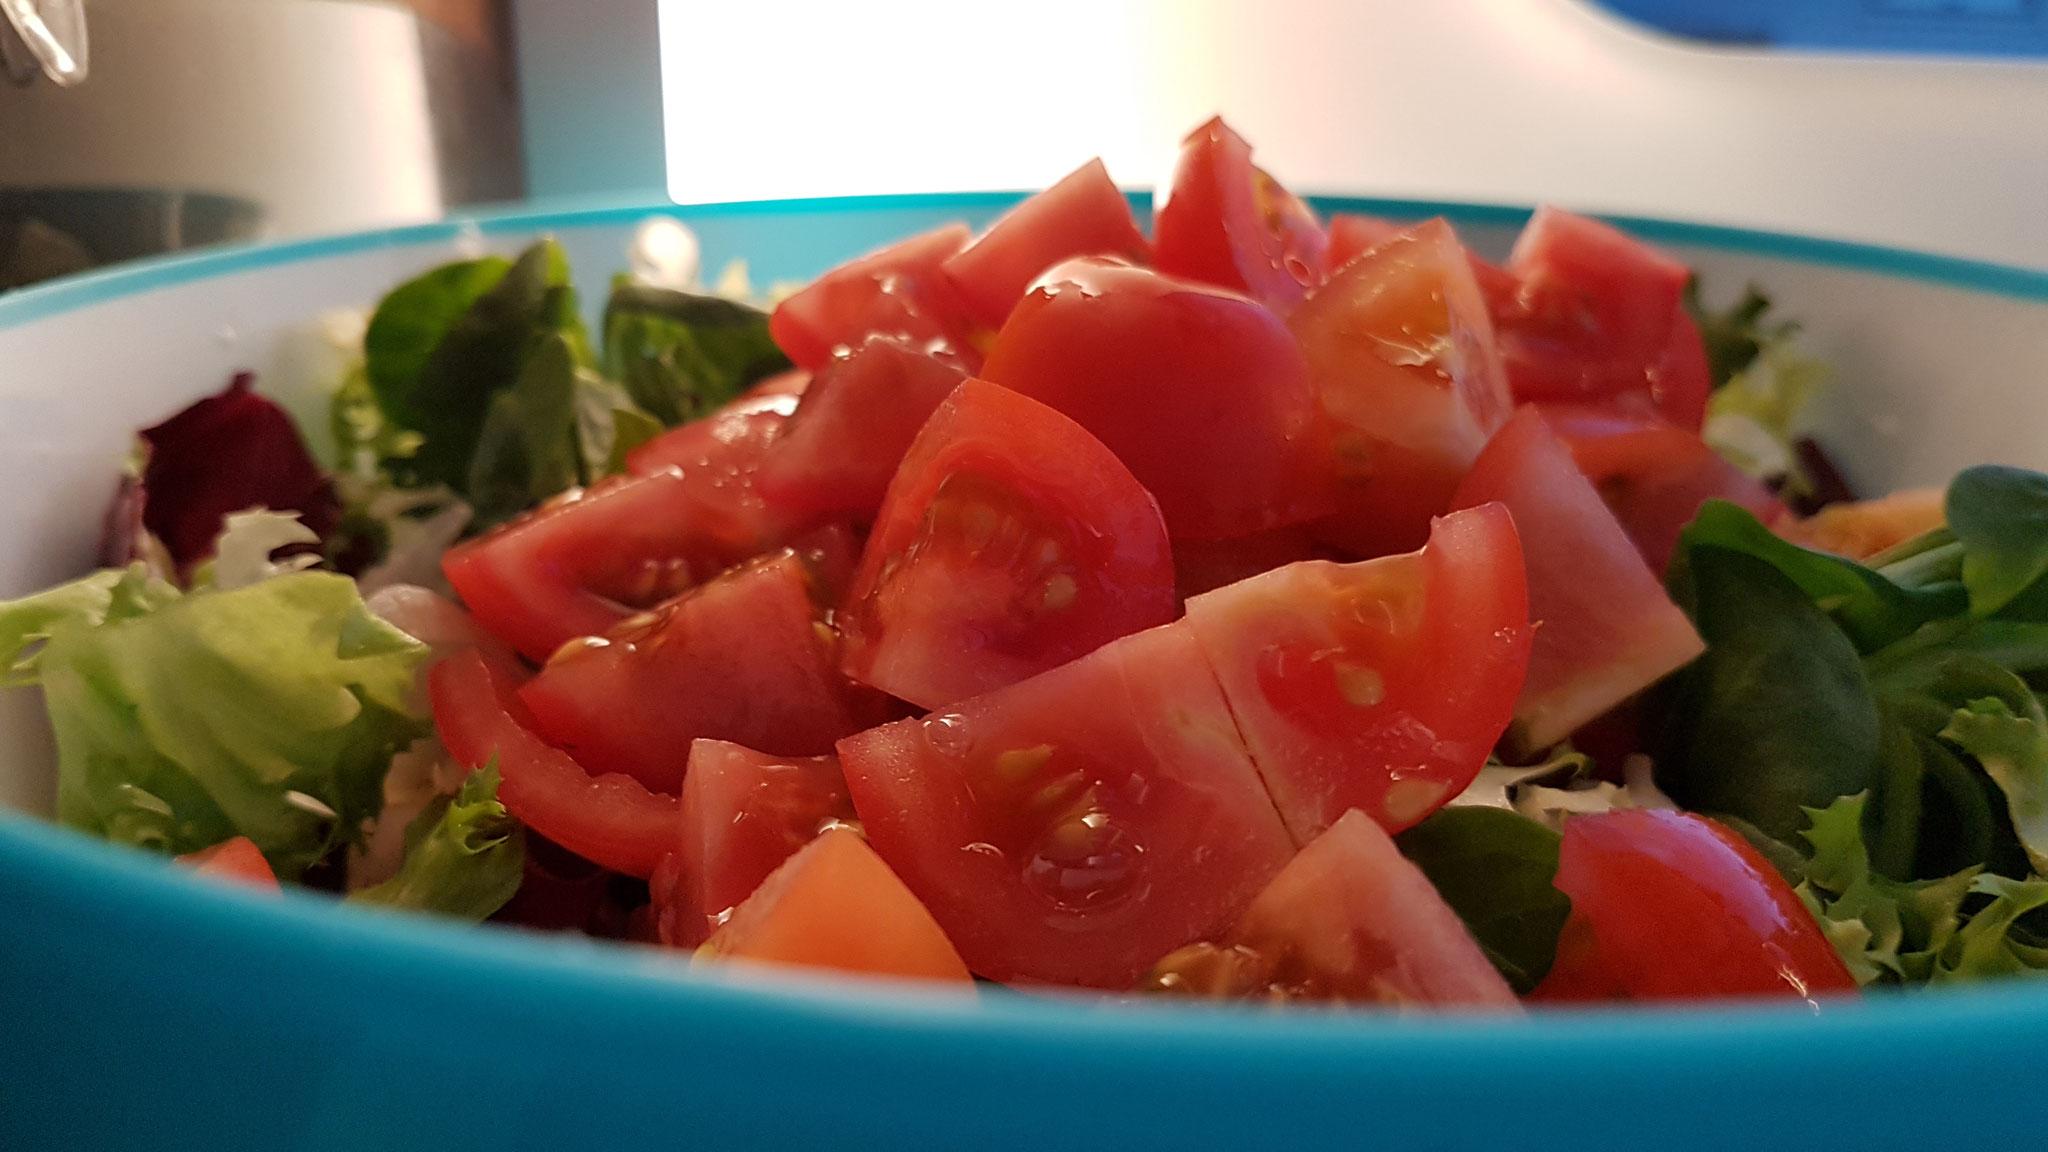 Ab Abend gibt es noch gesunden Salat...